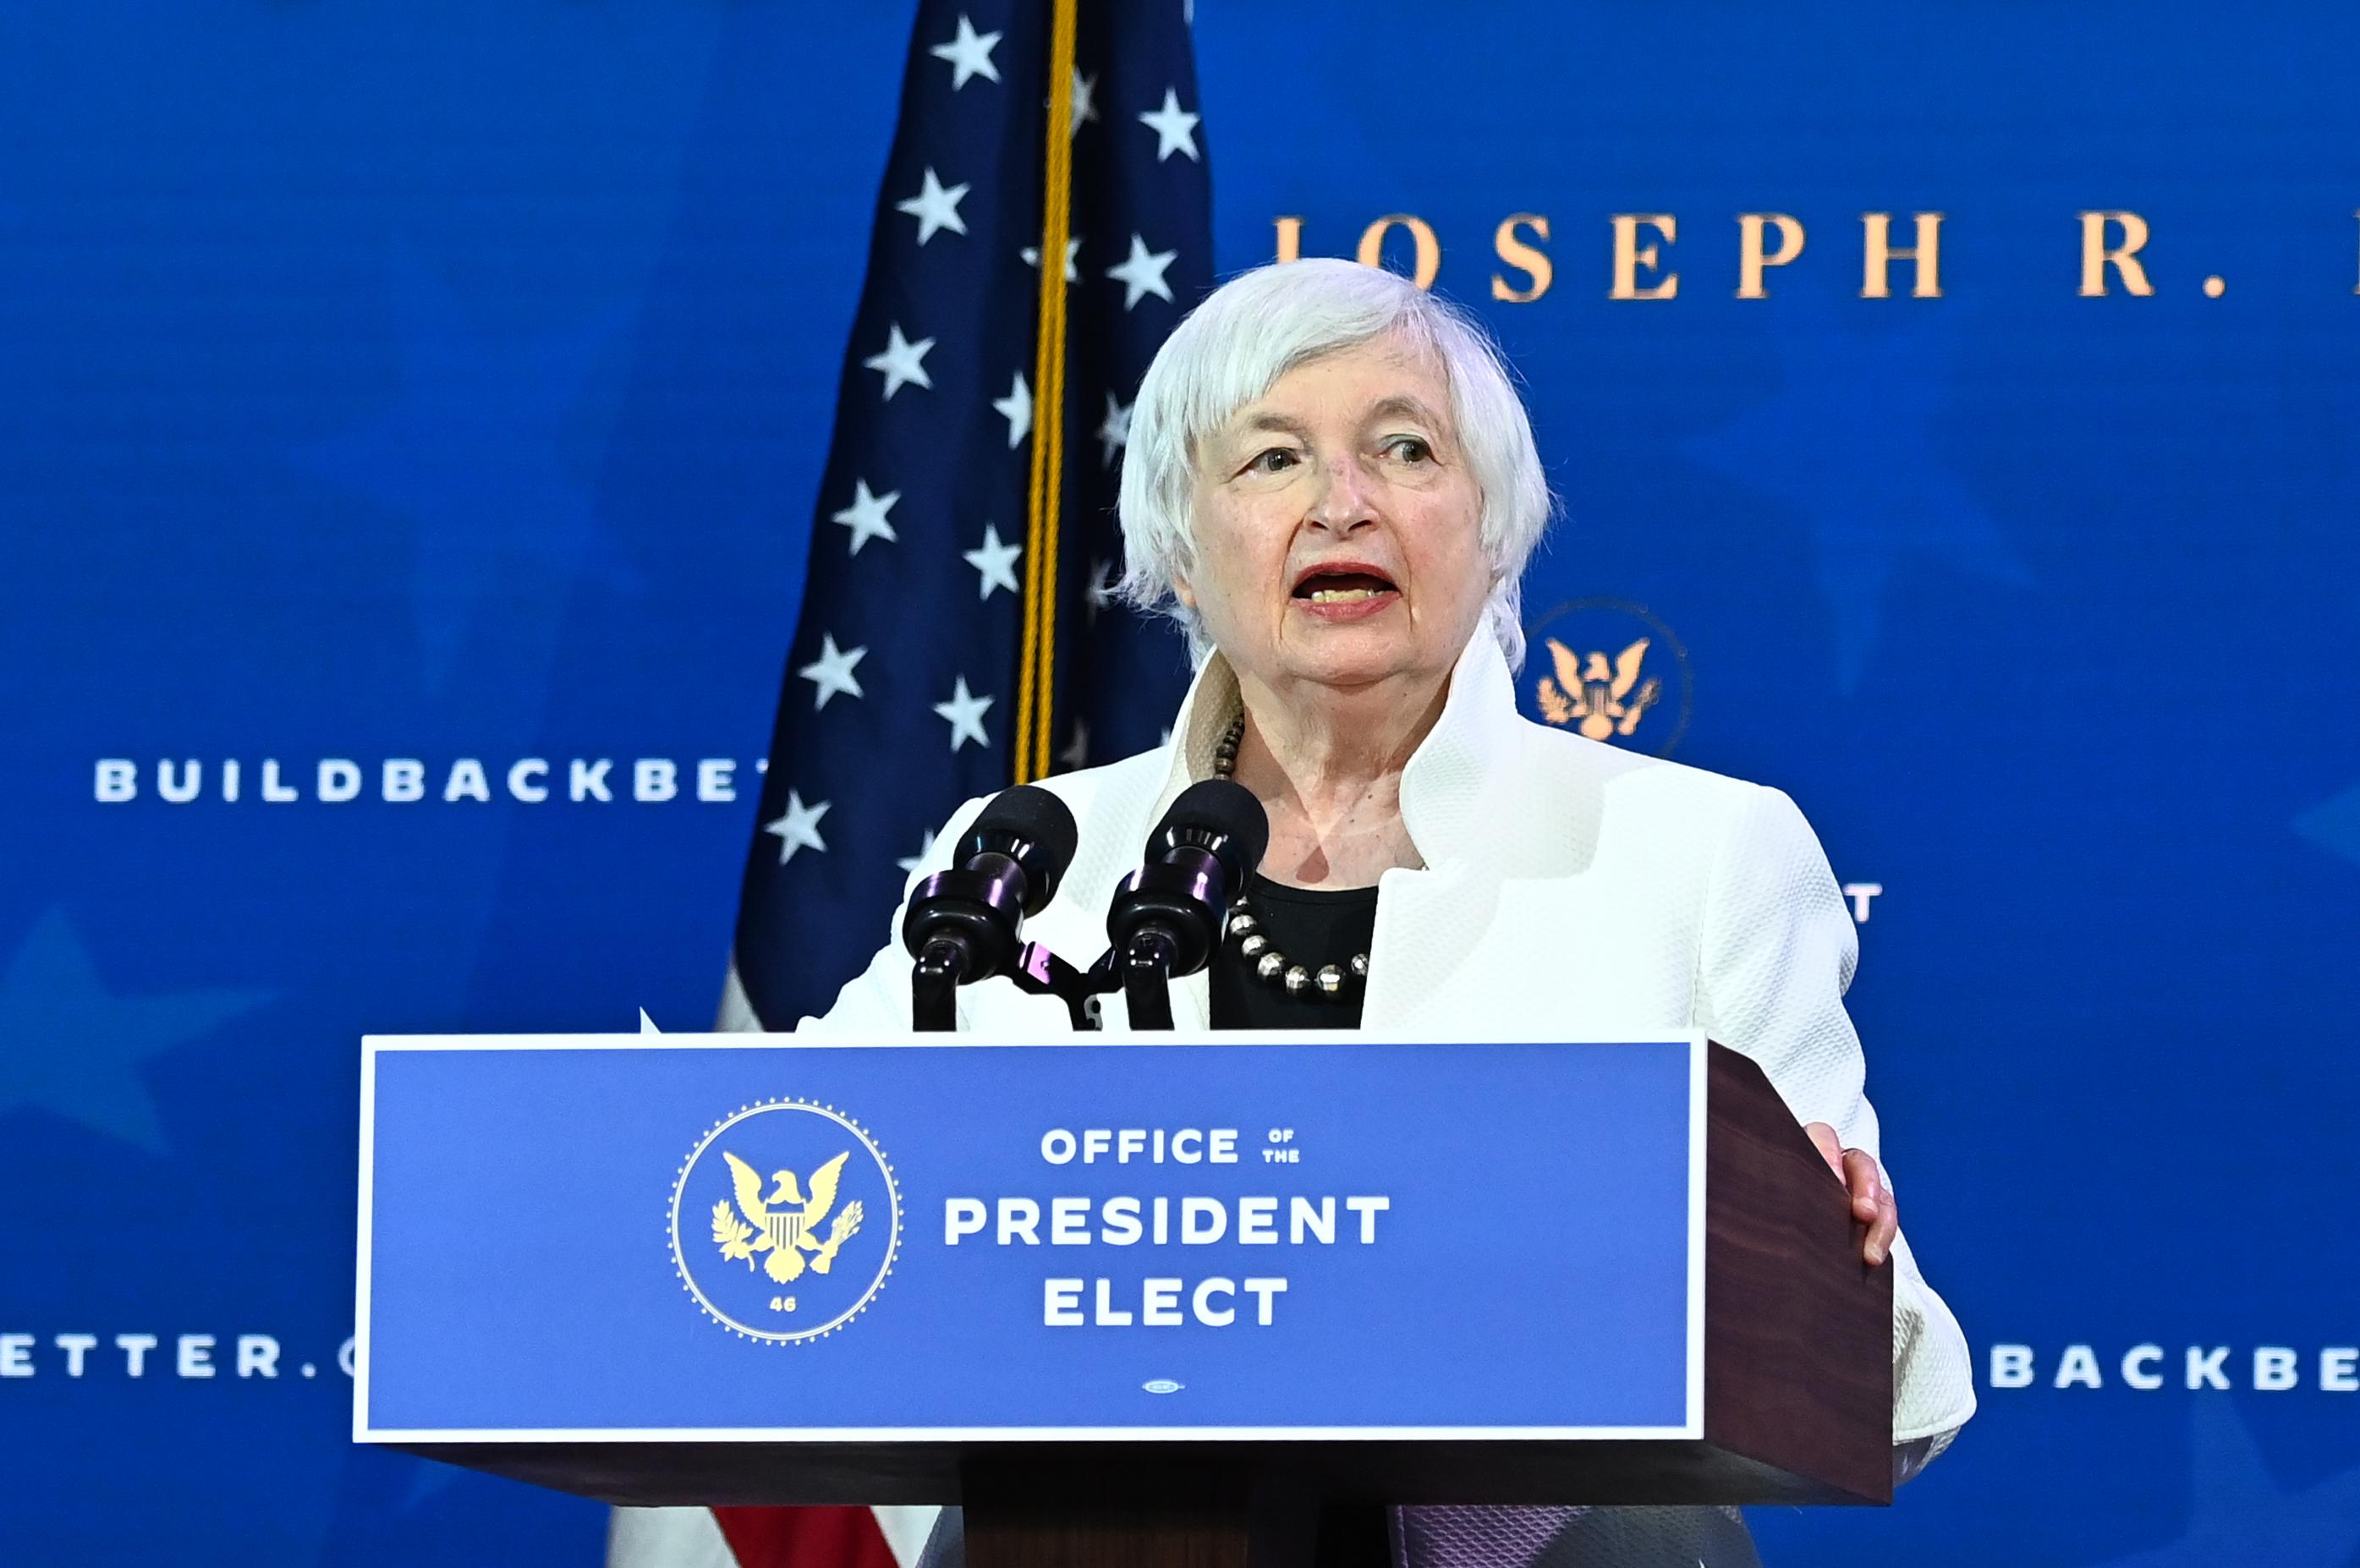 Janet Yellen speaking at a podium.